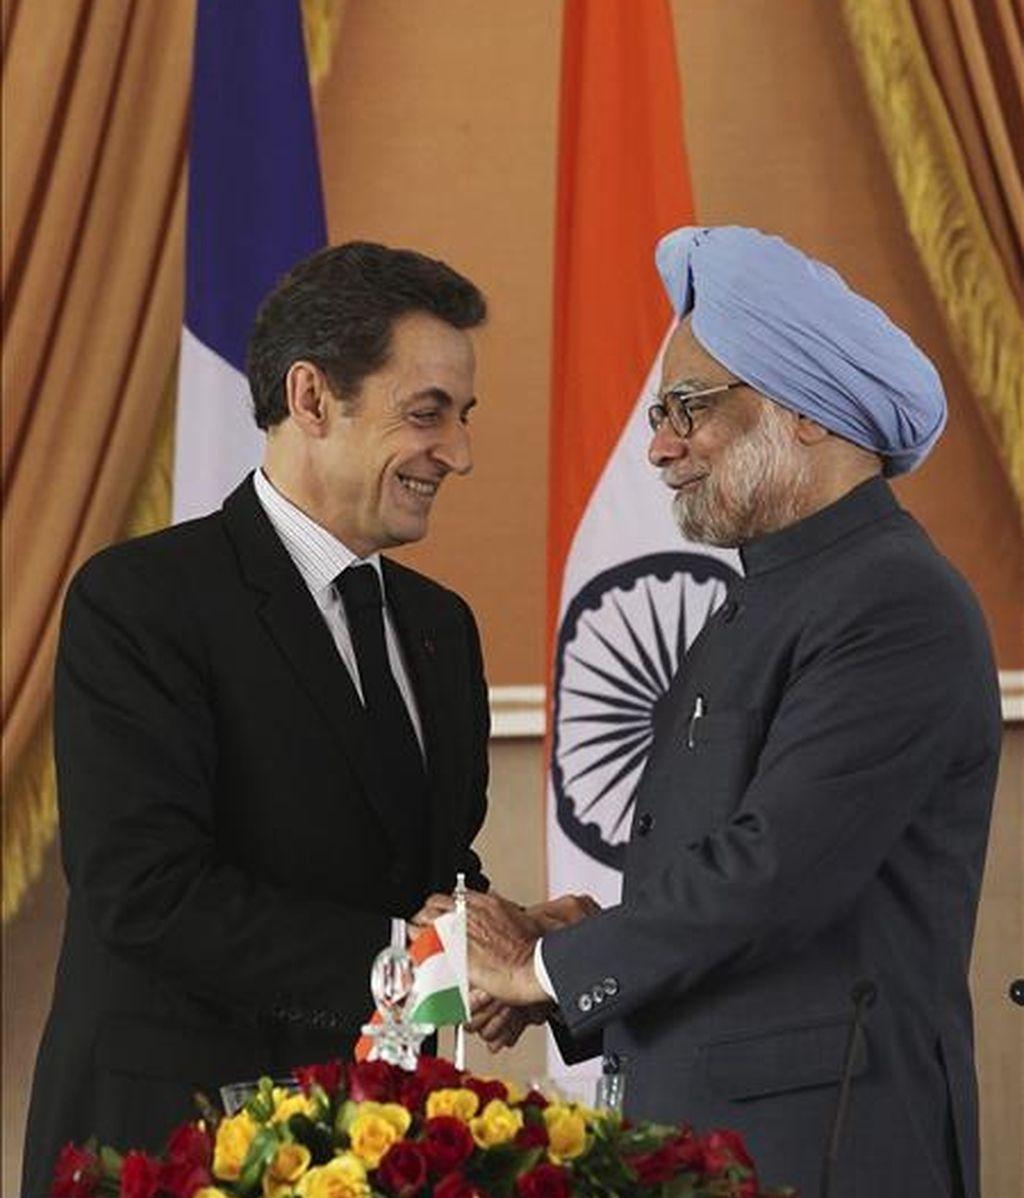 El presidente francés, Nicolás Sarkozy (i), estrecha la mano del primer ministro indio, Manmohan Singh, tras una rueda de prensa conjunta en Nueva Delhi (India), hoy, lunes 06 de diciembre de 2010. Sarkozy, cerró hoy en Nueva Delhi acuerdos que colocan a Francia como uno de los socios preferentes de la India en materia nuclear. EFE